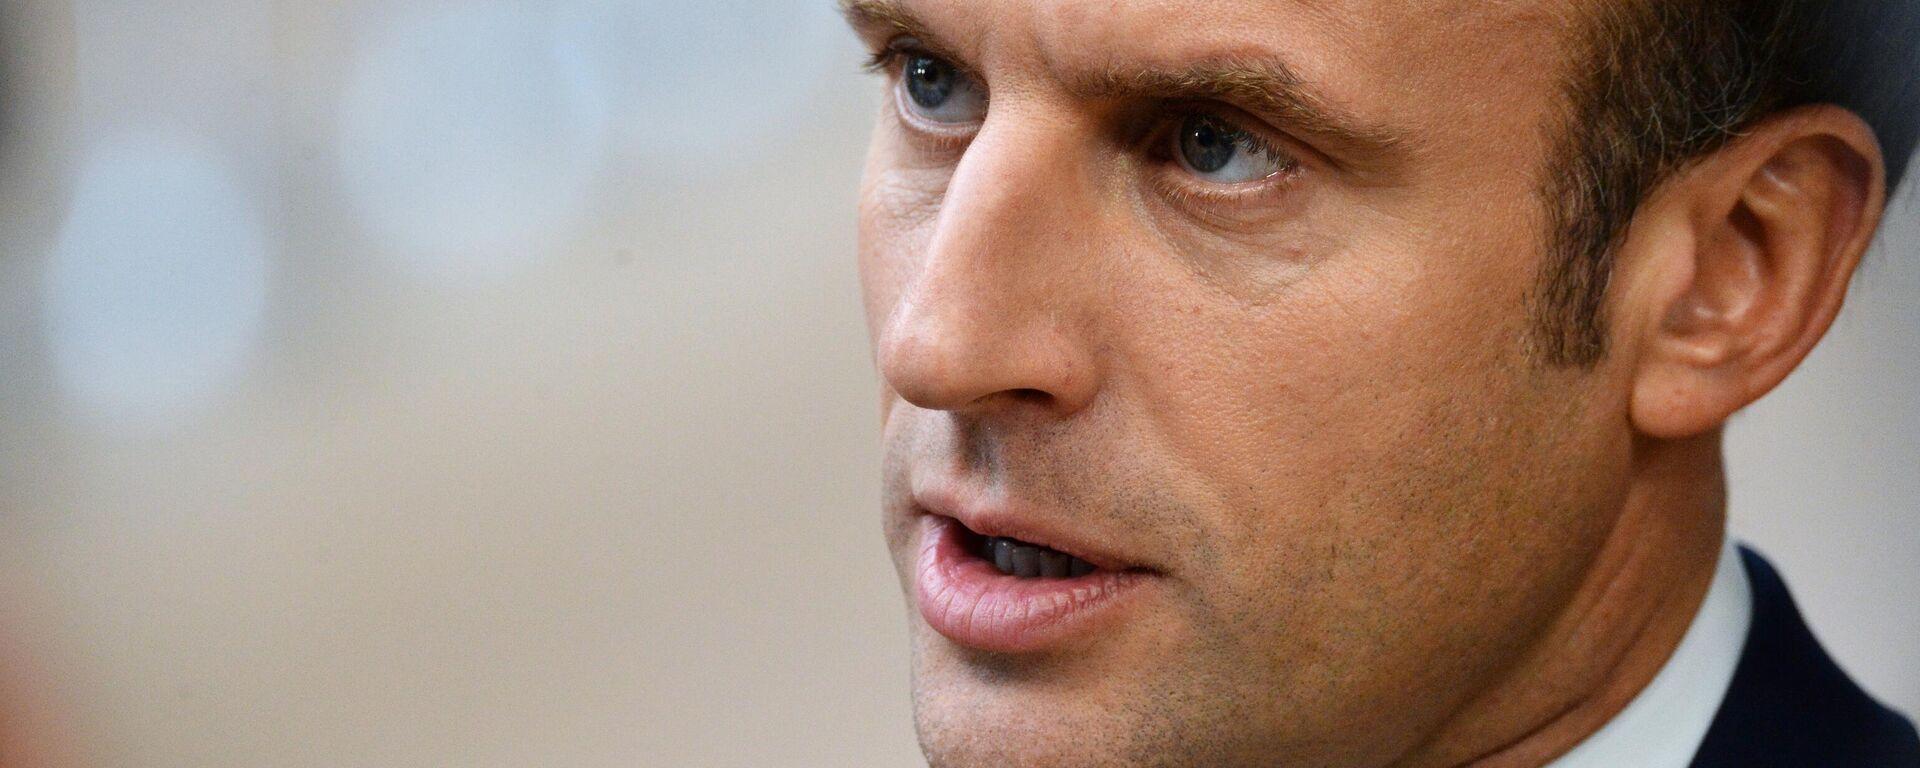 Frankreichs Präsident Emmanuel Macron  - SNA, 1920, 21.09.2021